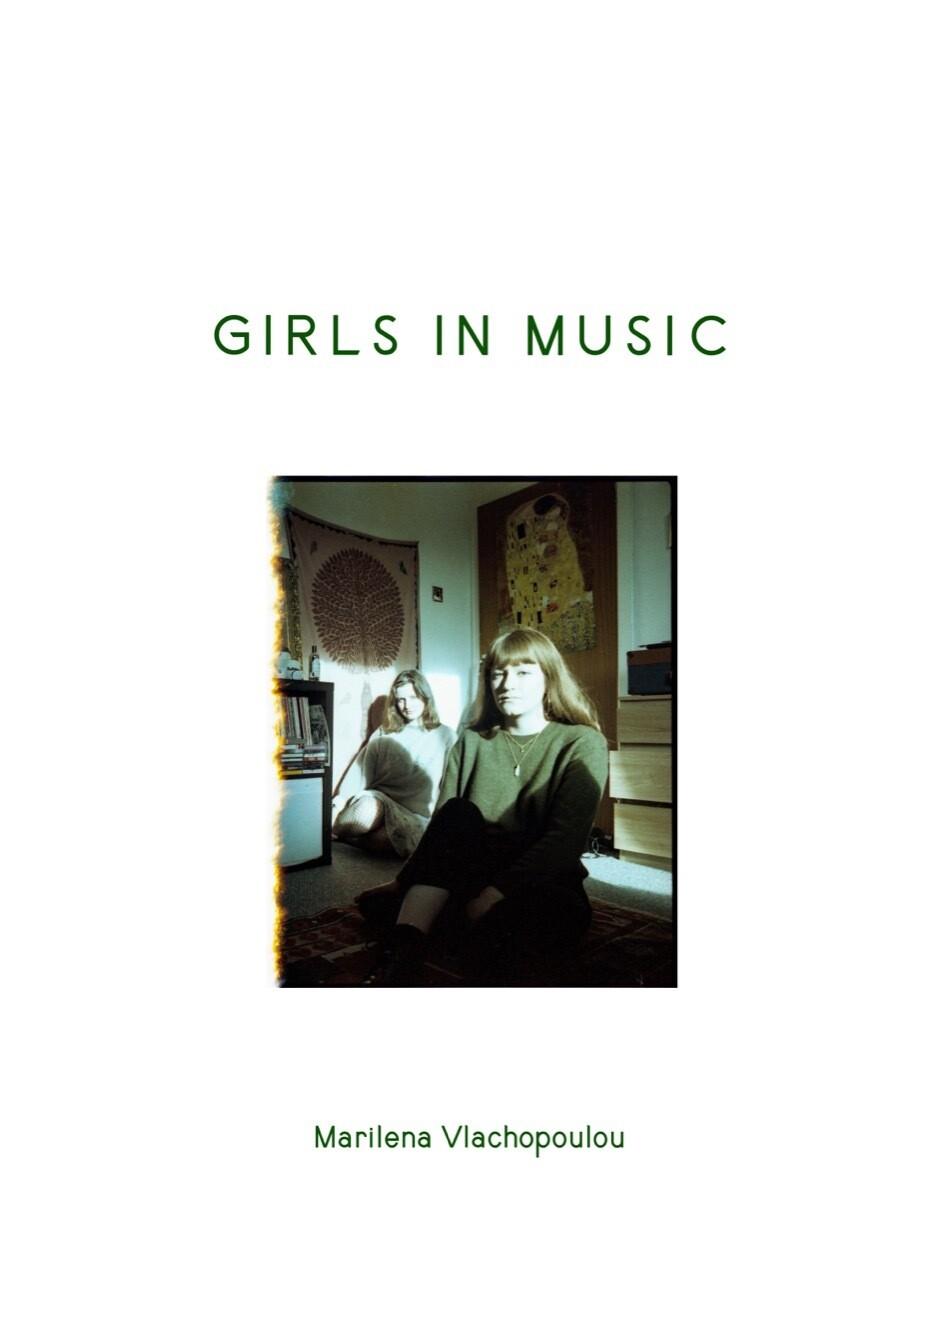 Girls in Music